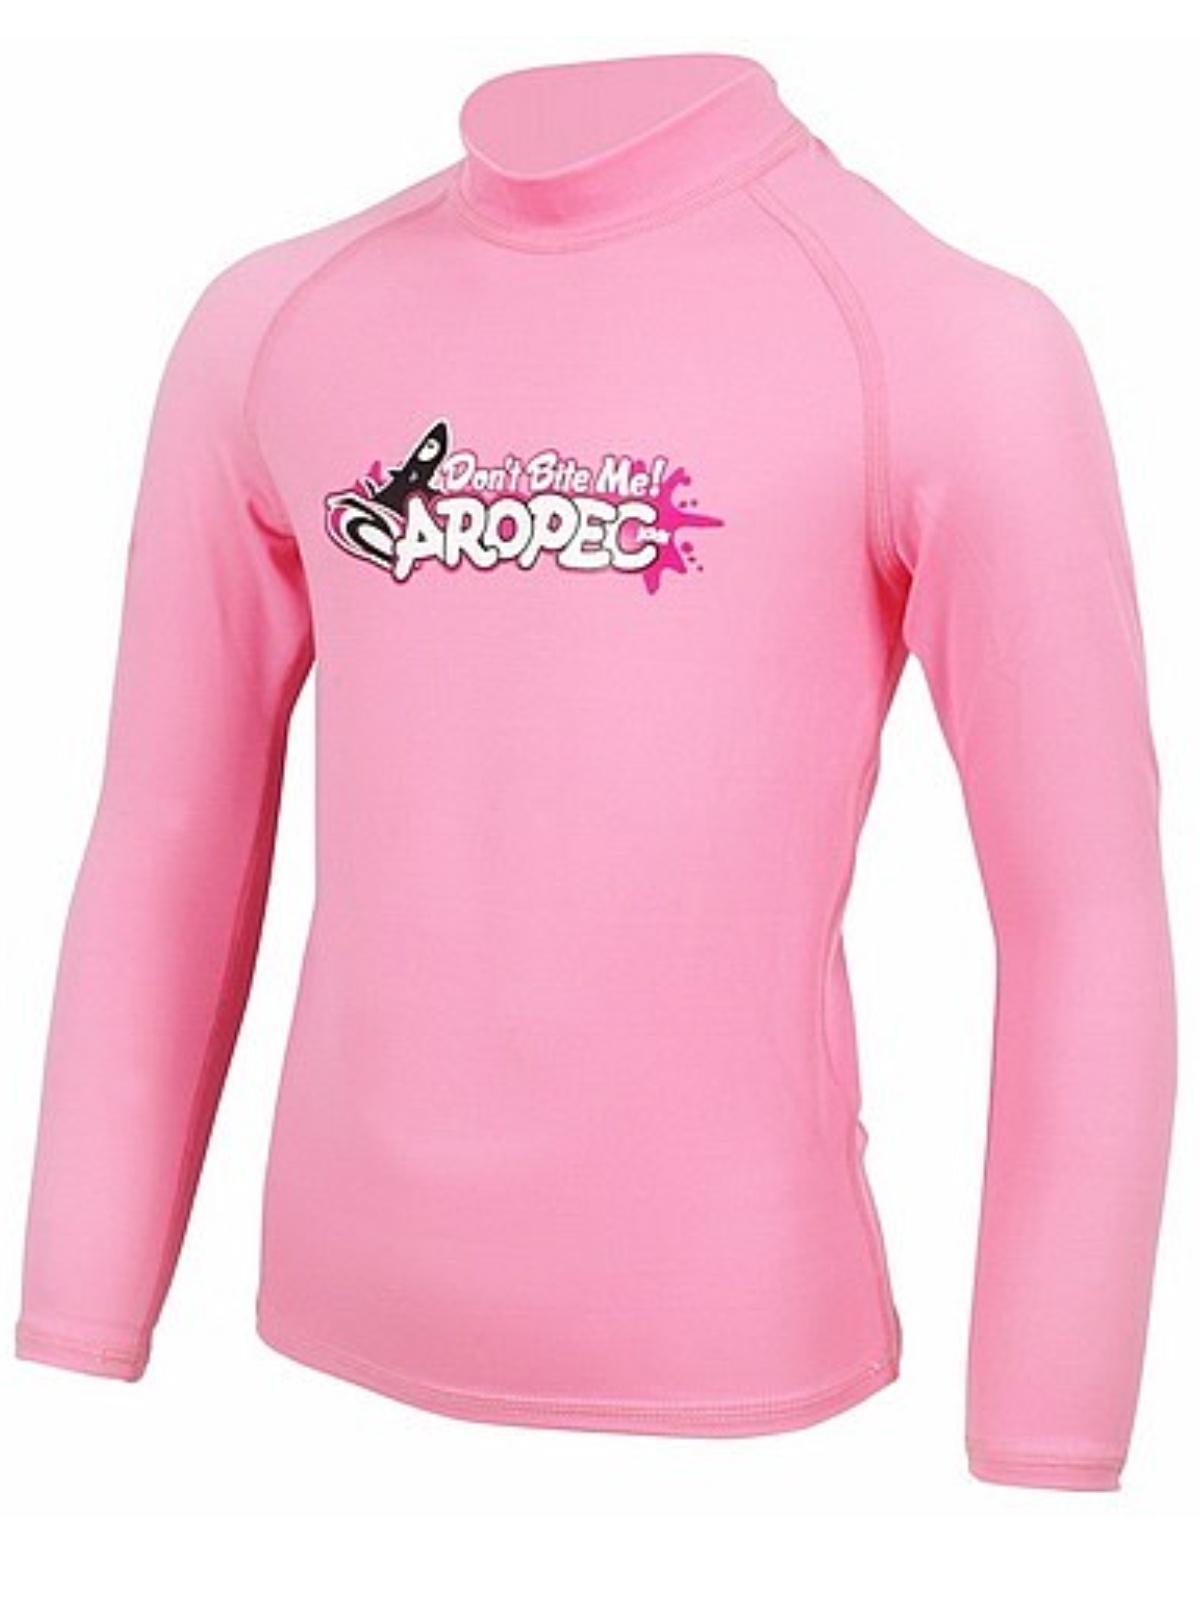 Lycrové triko AROPEC Marvel Kid dětské růžové